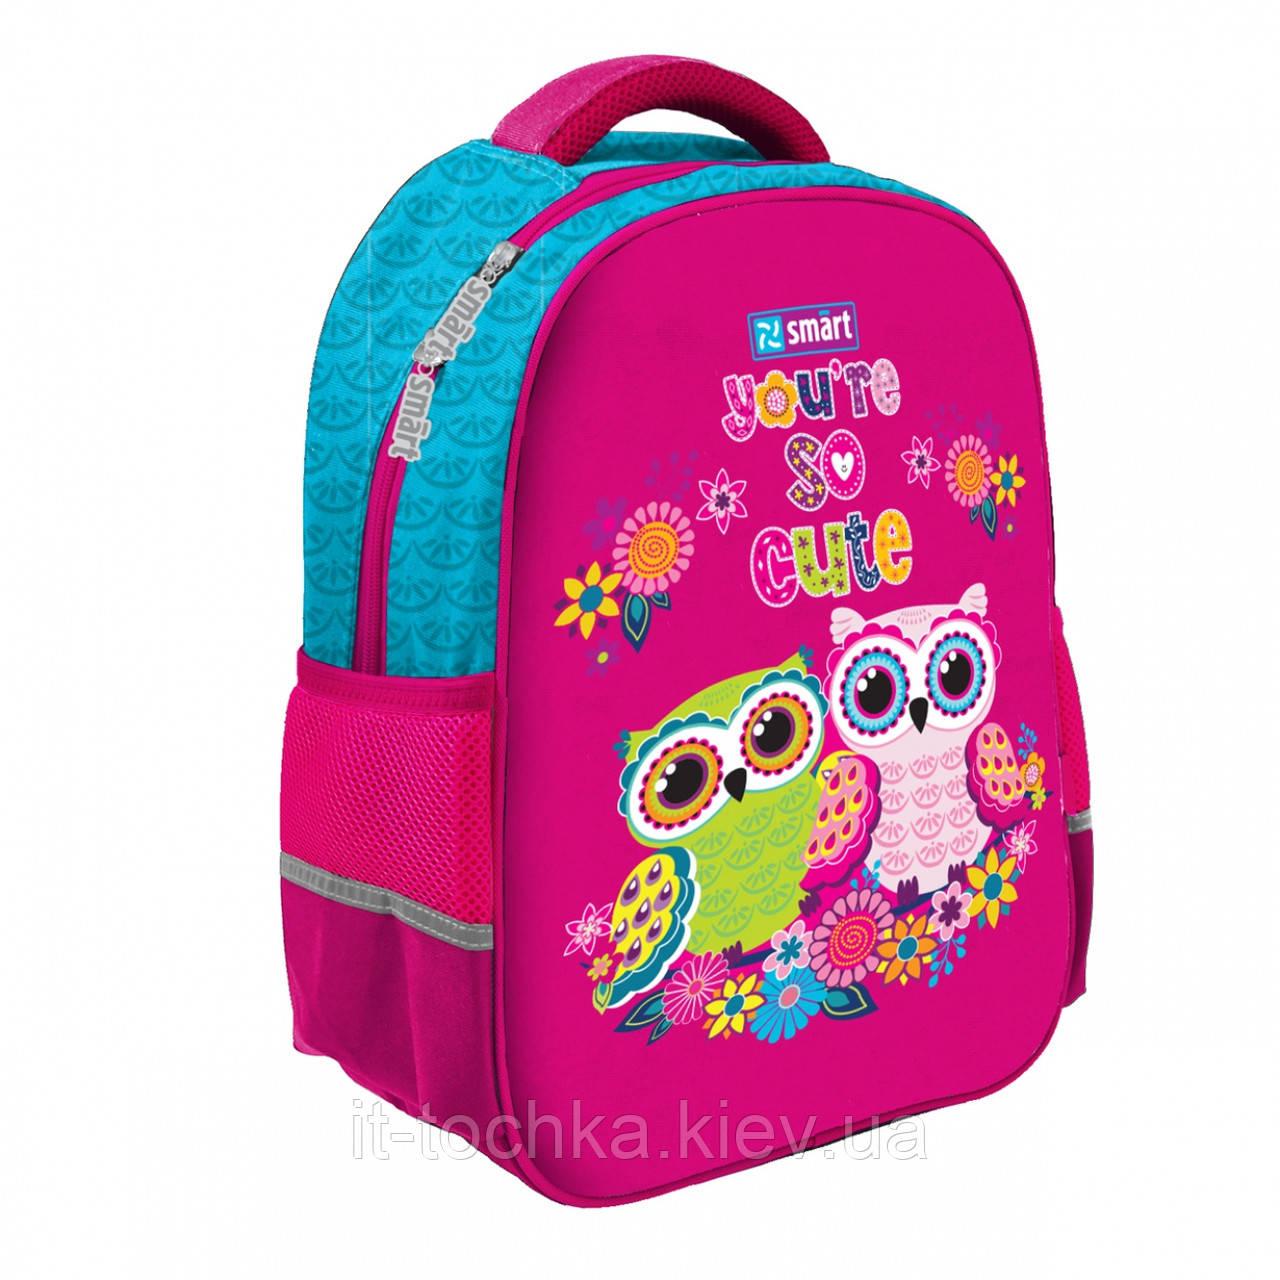 Рюкзак школьный для девочки smart Совы sm-02 owls 1 Вересня (558180)